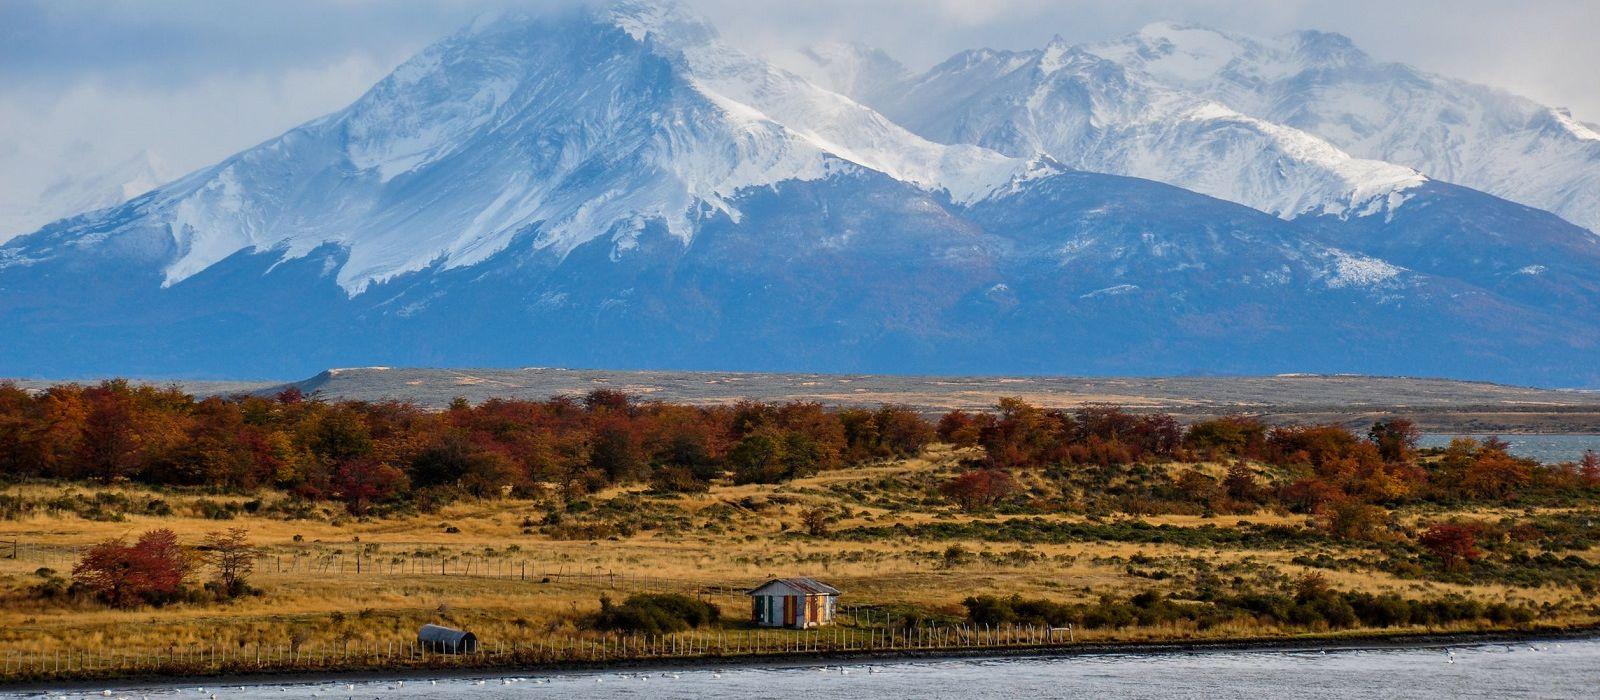 Das beste von Chile Urlaub 3